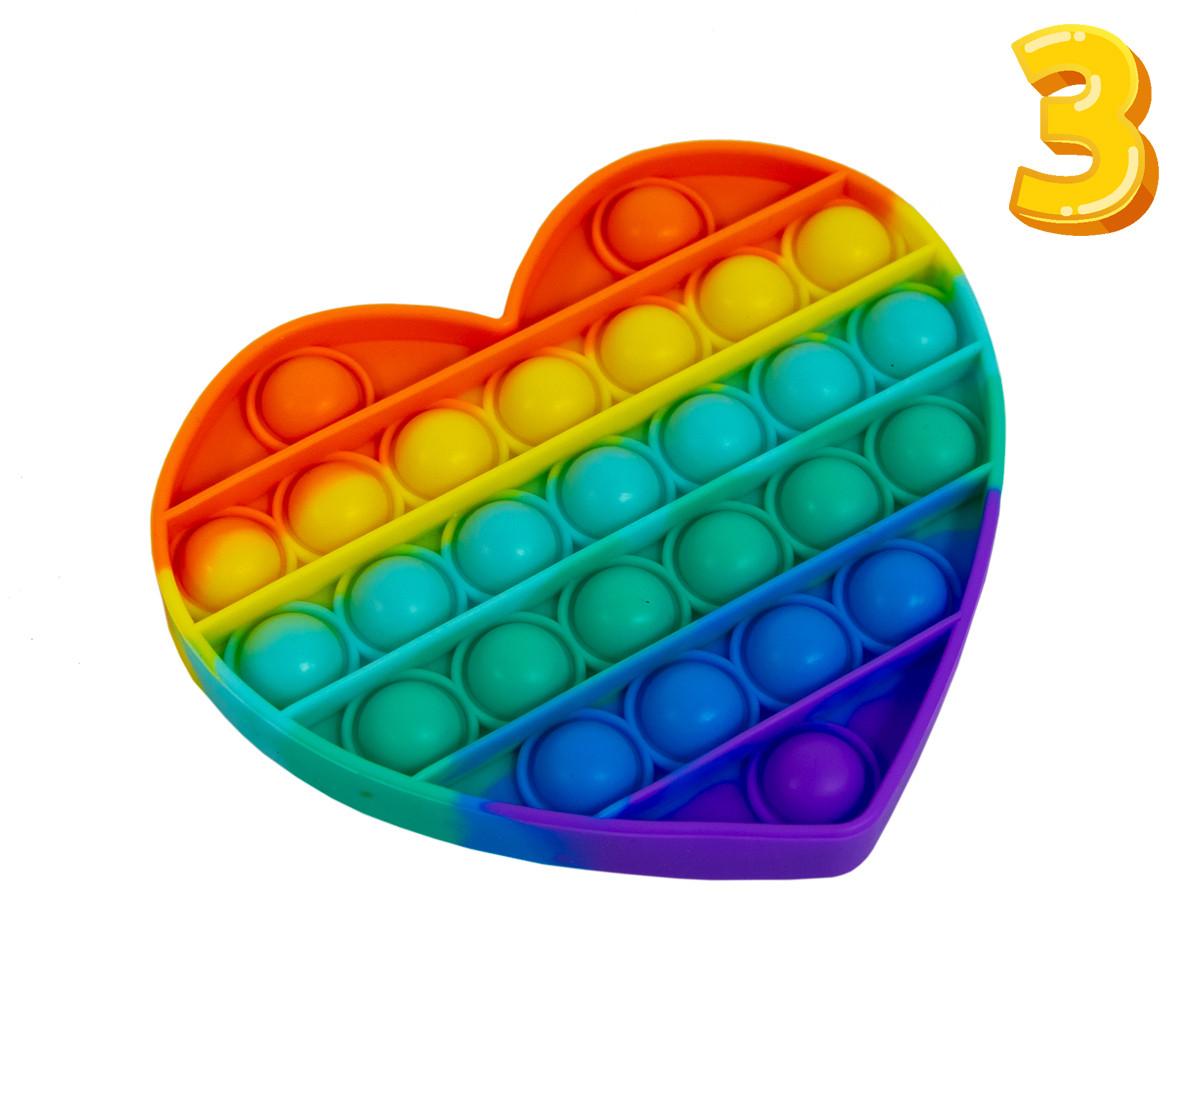 Іграшка Pop It Різнобарвна в формі Серця, 13.5х11.5 см №3, нескінченна пупирка антистрес | игрушка pop it